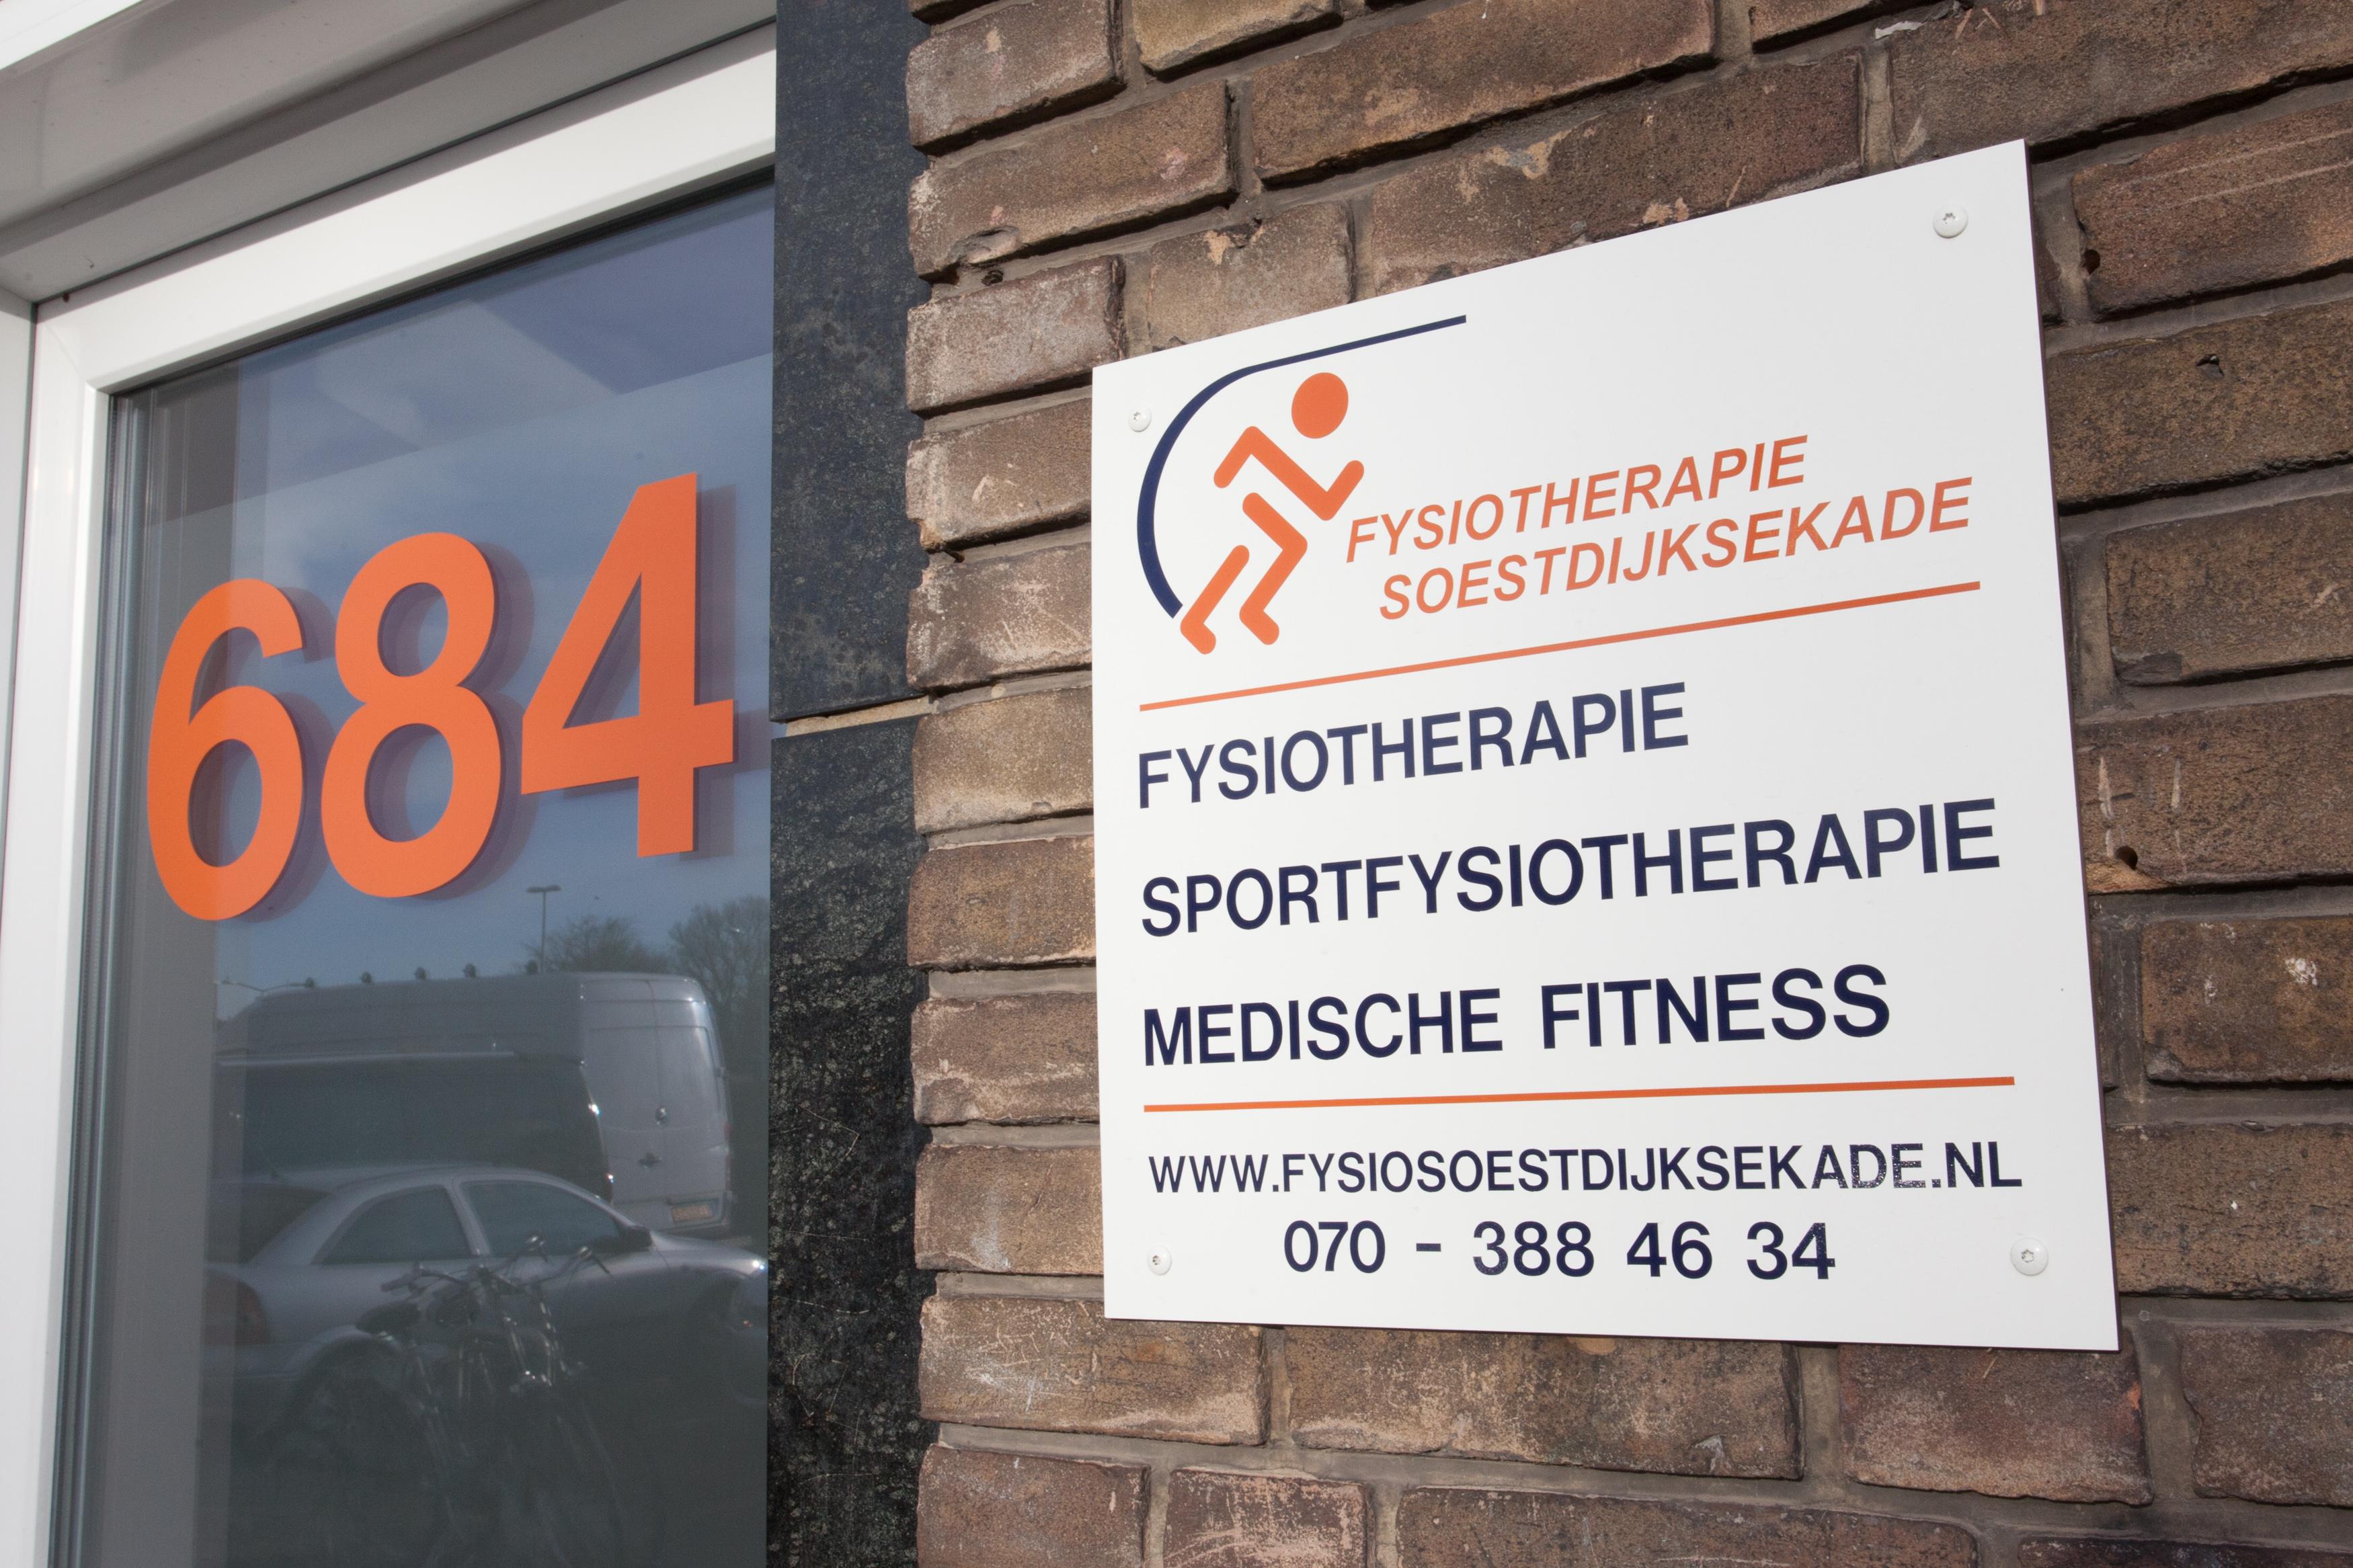 fysiotherapie, behandeling, medische fitness, escamp, escamplaan,Rustenburg-Oostbroek, cardiotraining, Leyweg, uddelstraat, den haag